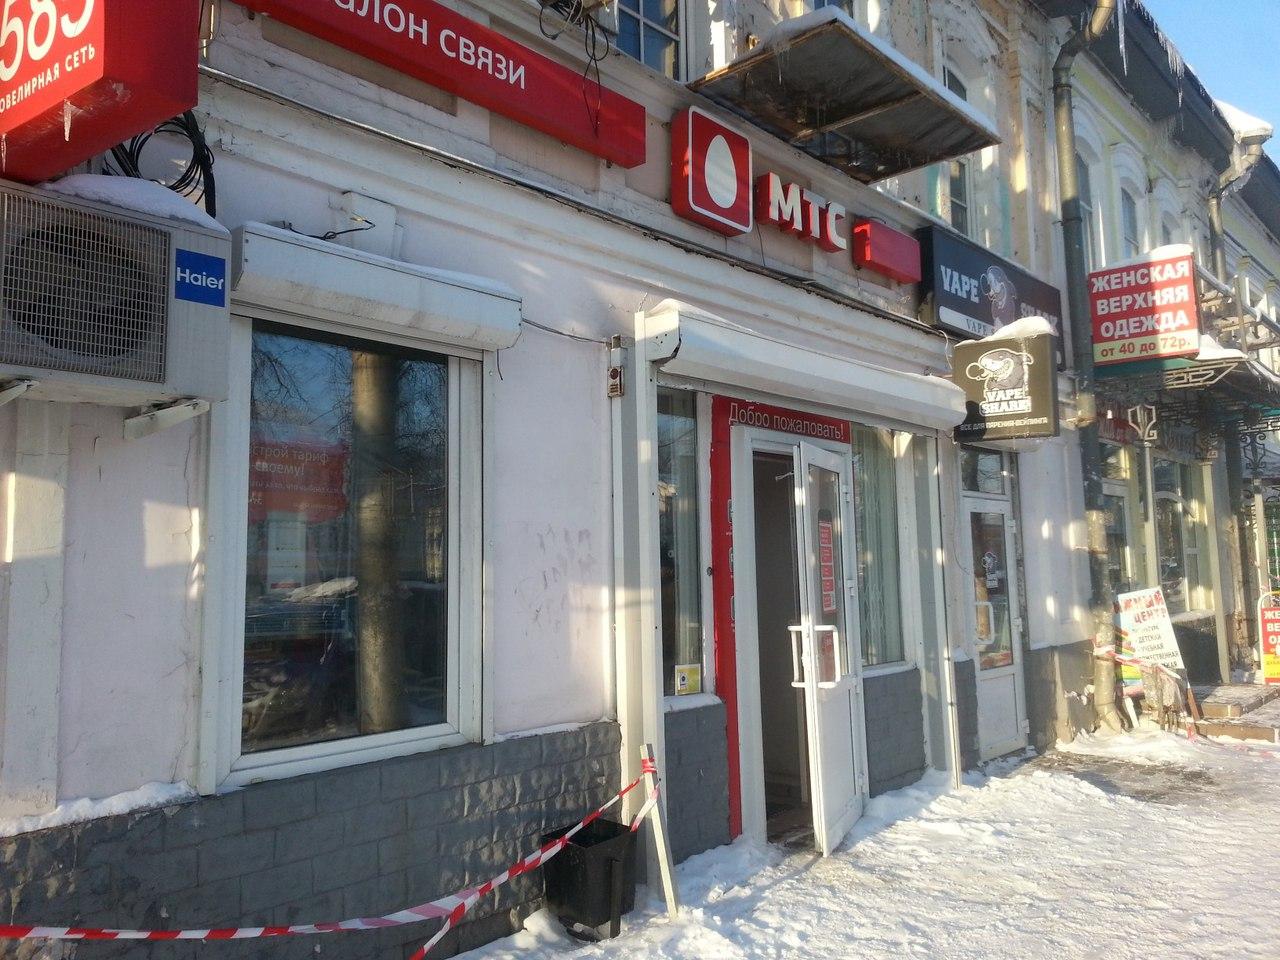 Вологжанин отсудил 10 тысяч рублей за недоступный для инвалидных колясок вход в офис МТС